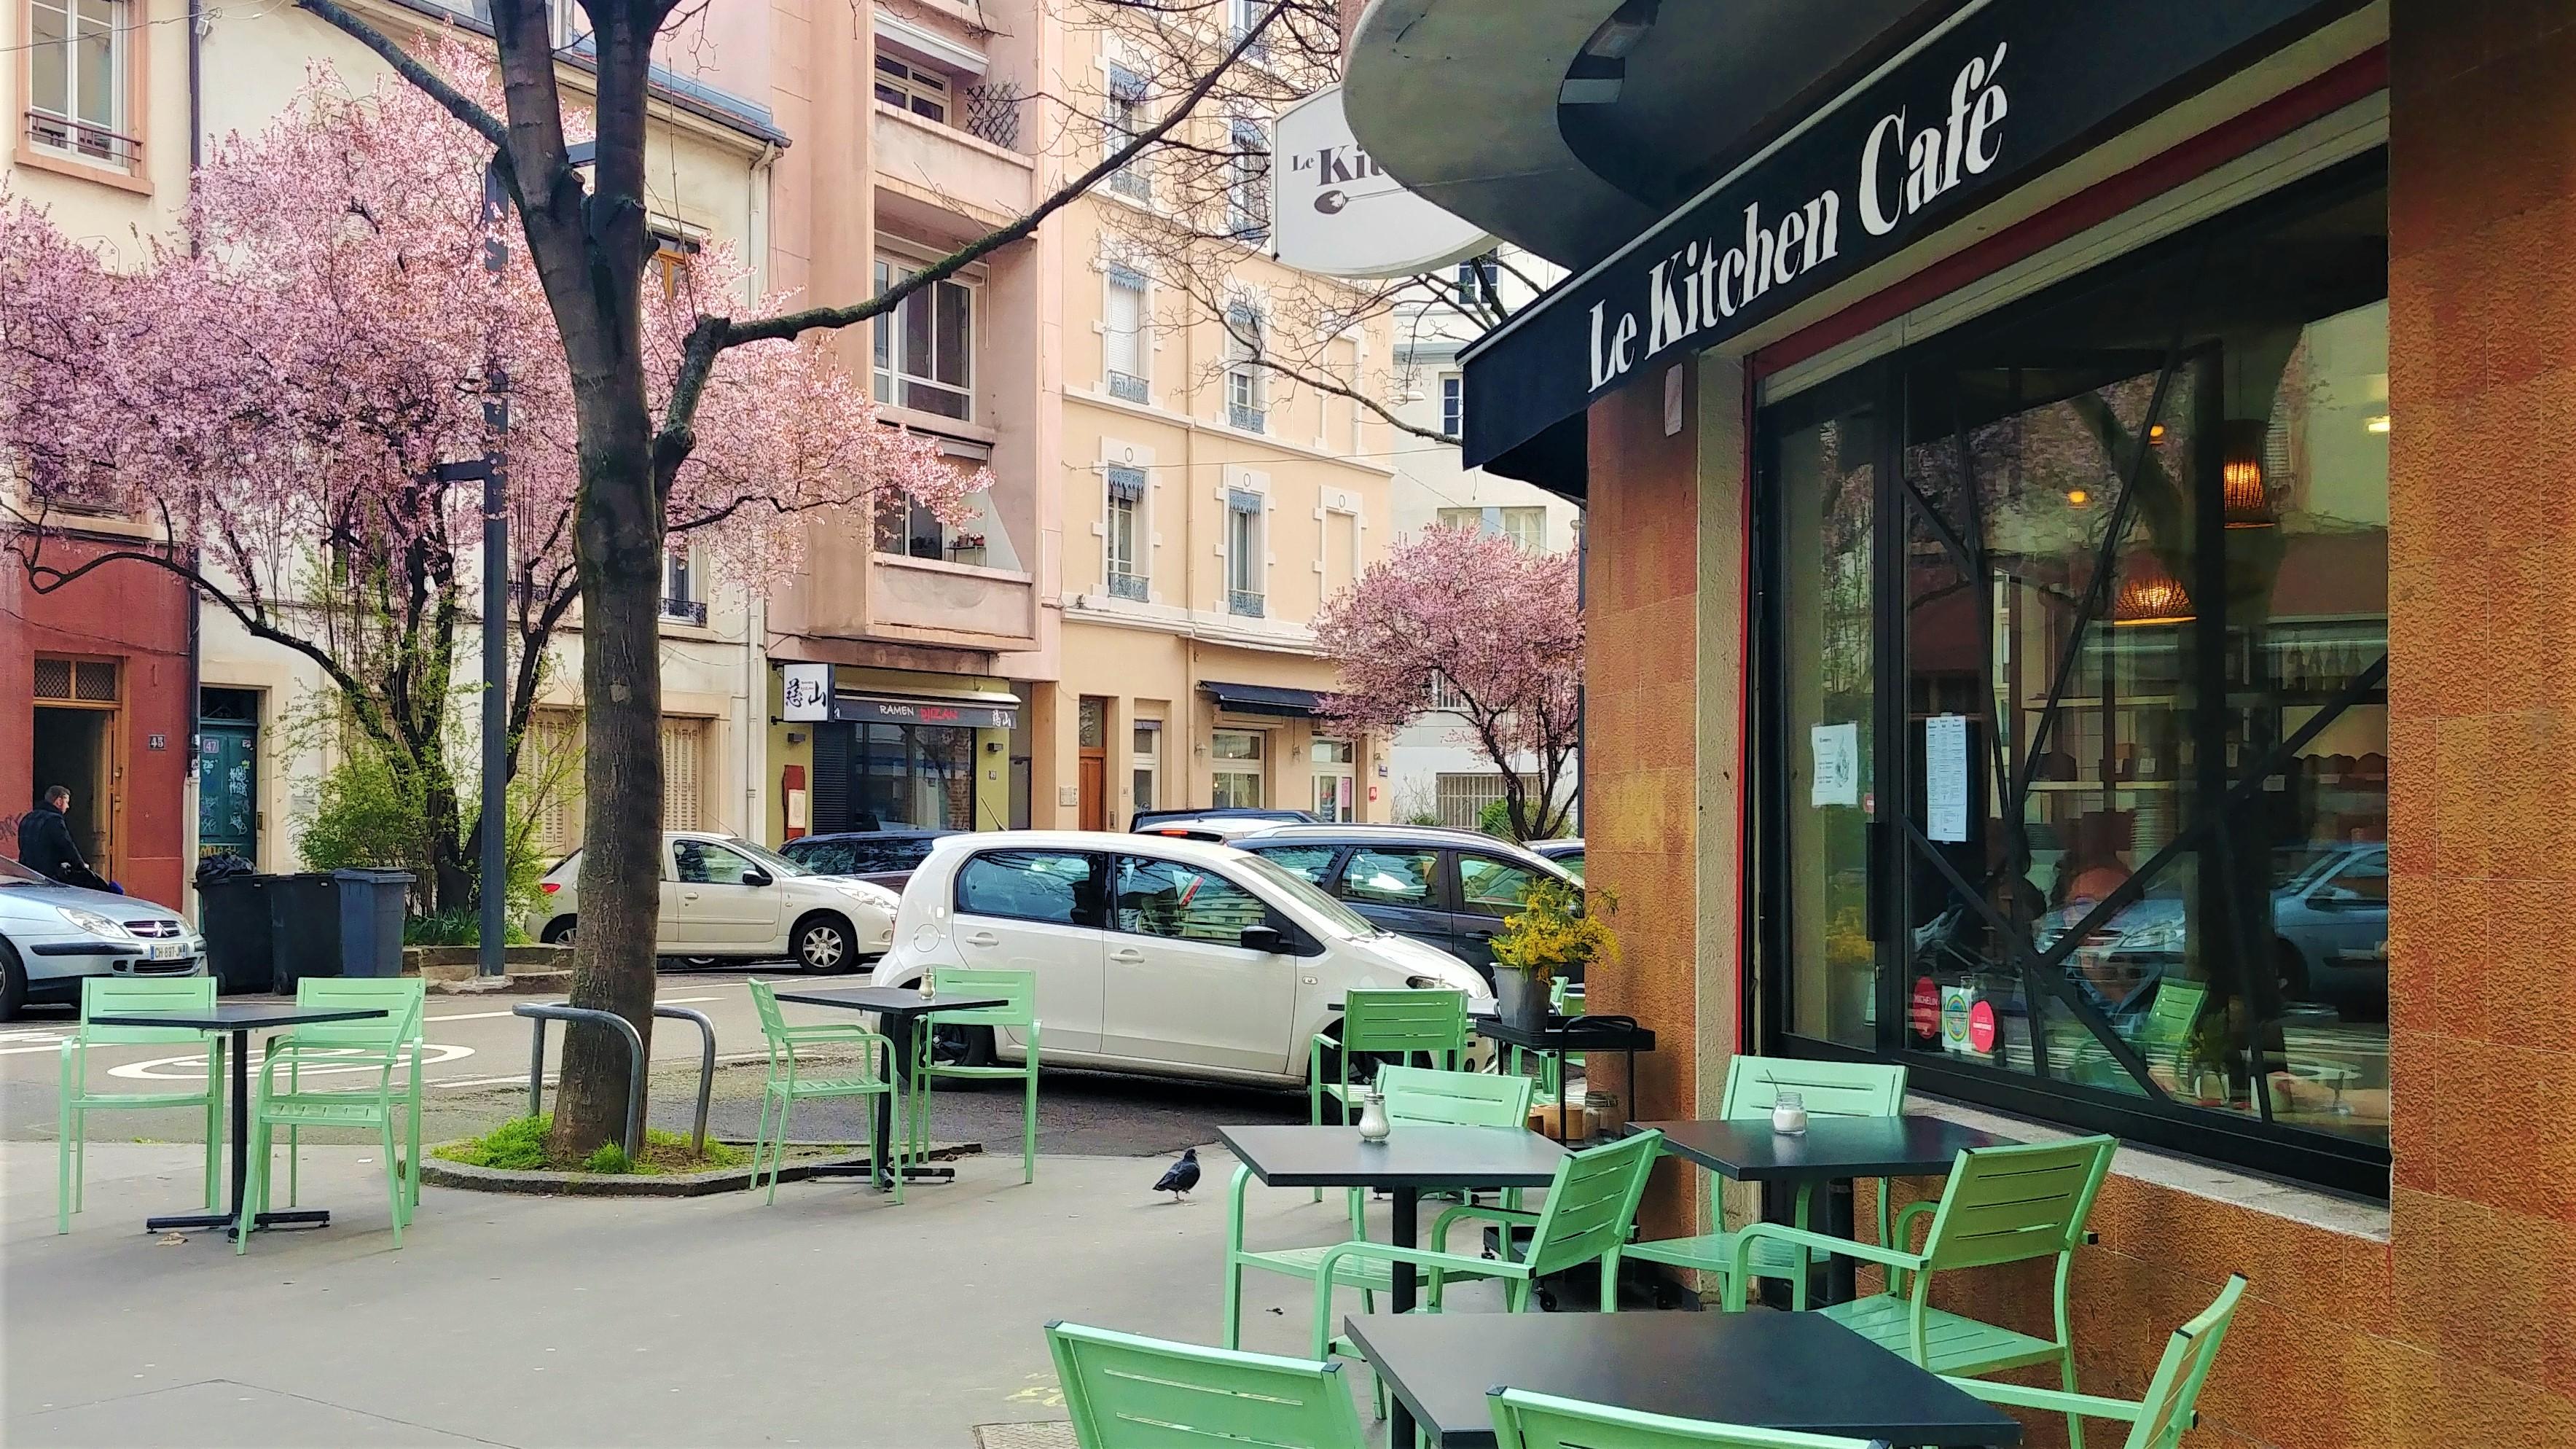 kitchen cafe lyon cerisiers fleurs guillotiere jean mace escapade blog voyage arpenter le chemin